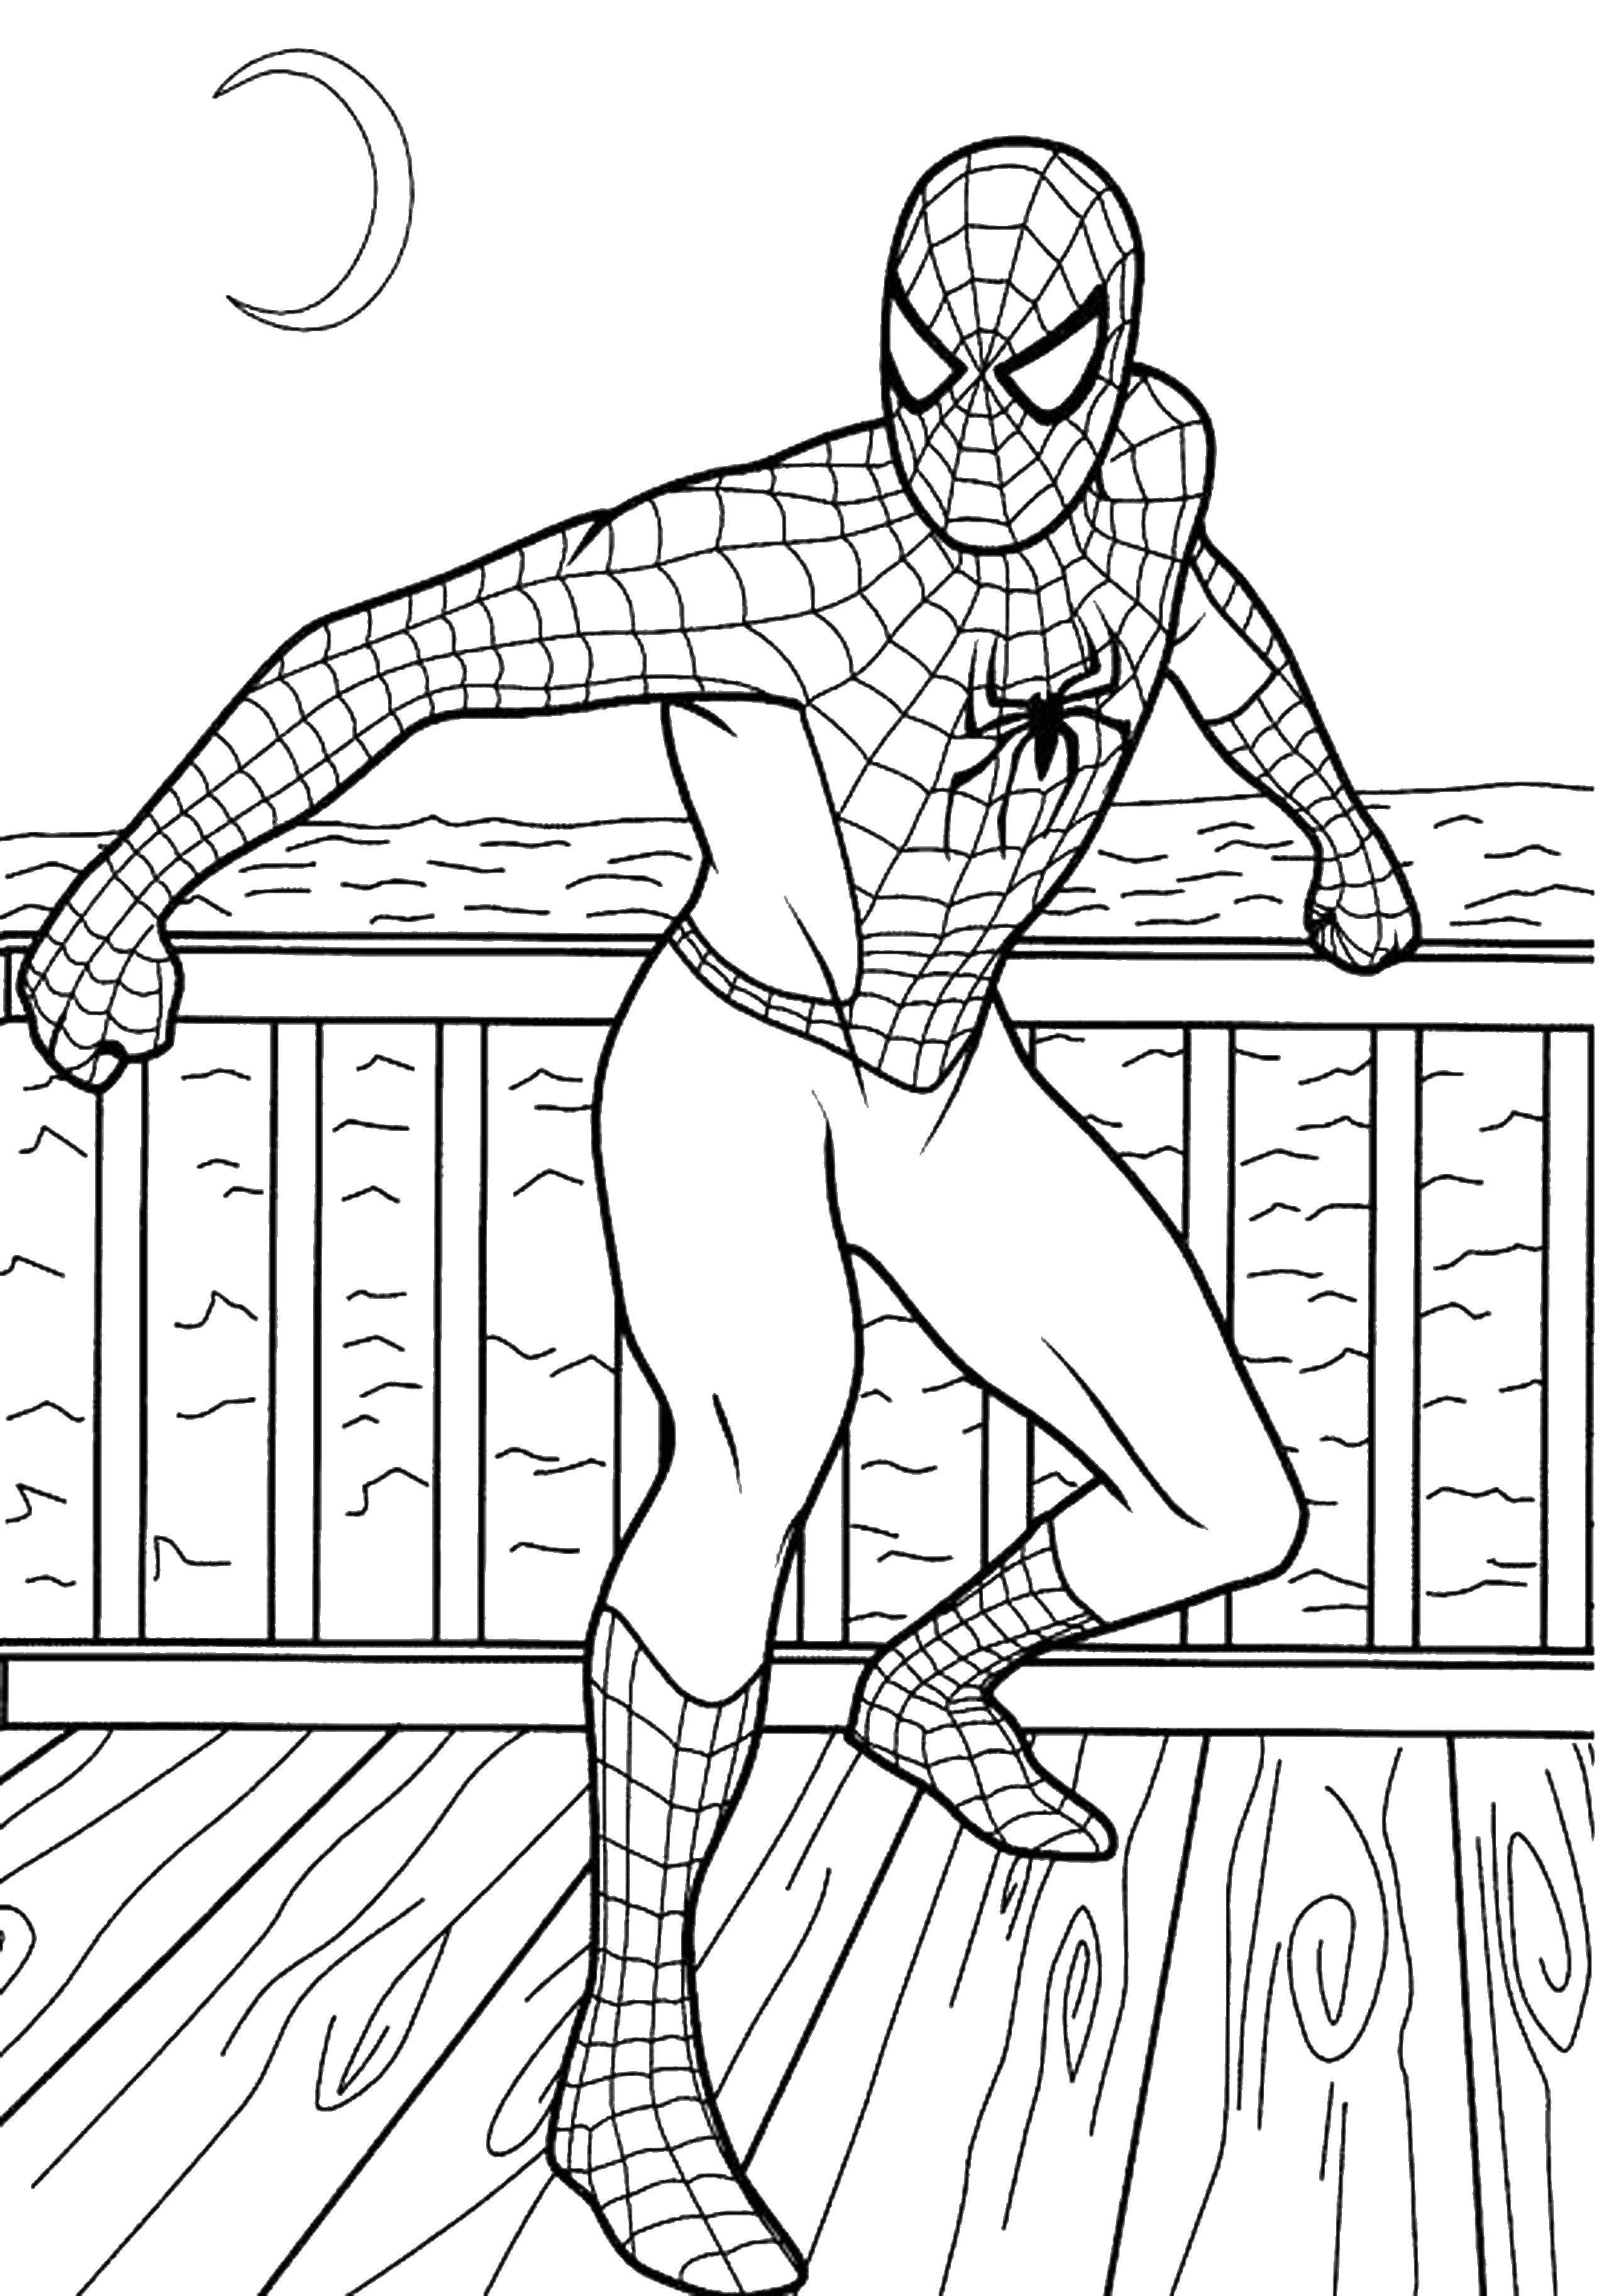 Название: Раскраска Человек паук. Категория: Для мальчиков. Теги: человек паук, супергерои.